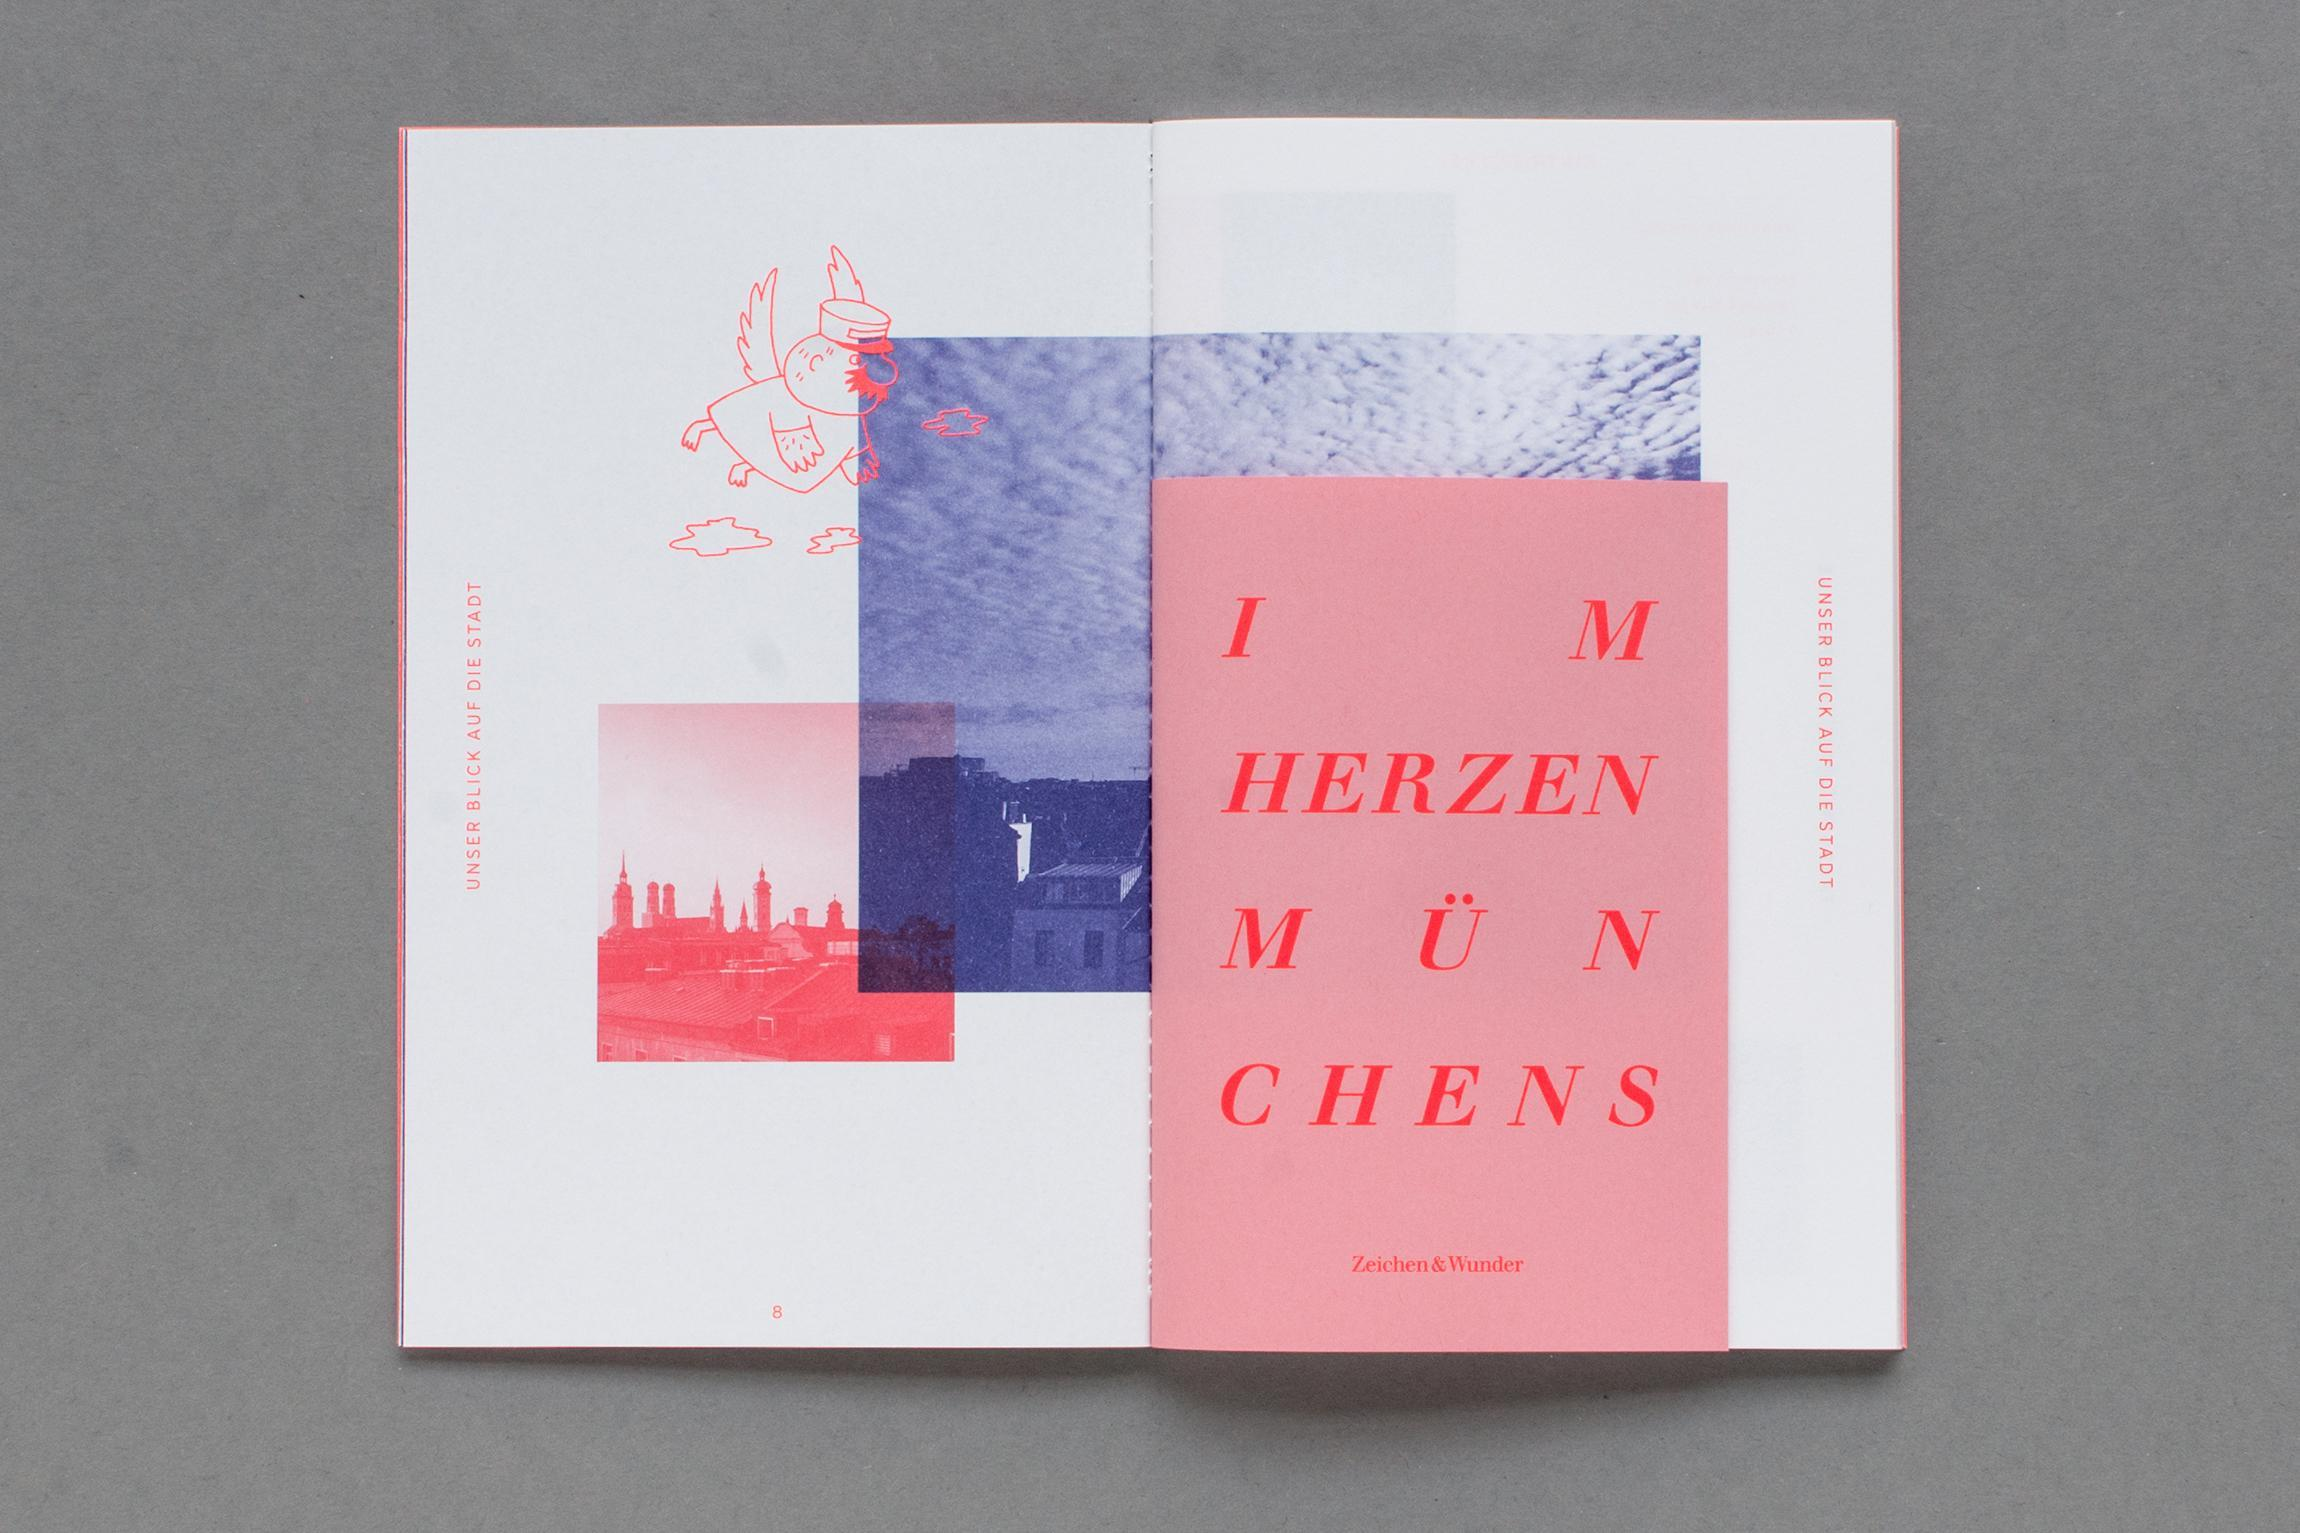 zeichen-und-wunder-mcbw-2017-47-lieblingsorte-munich-guide_DSC6860.jpg